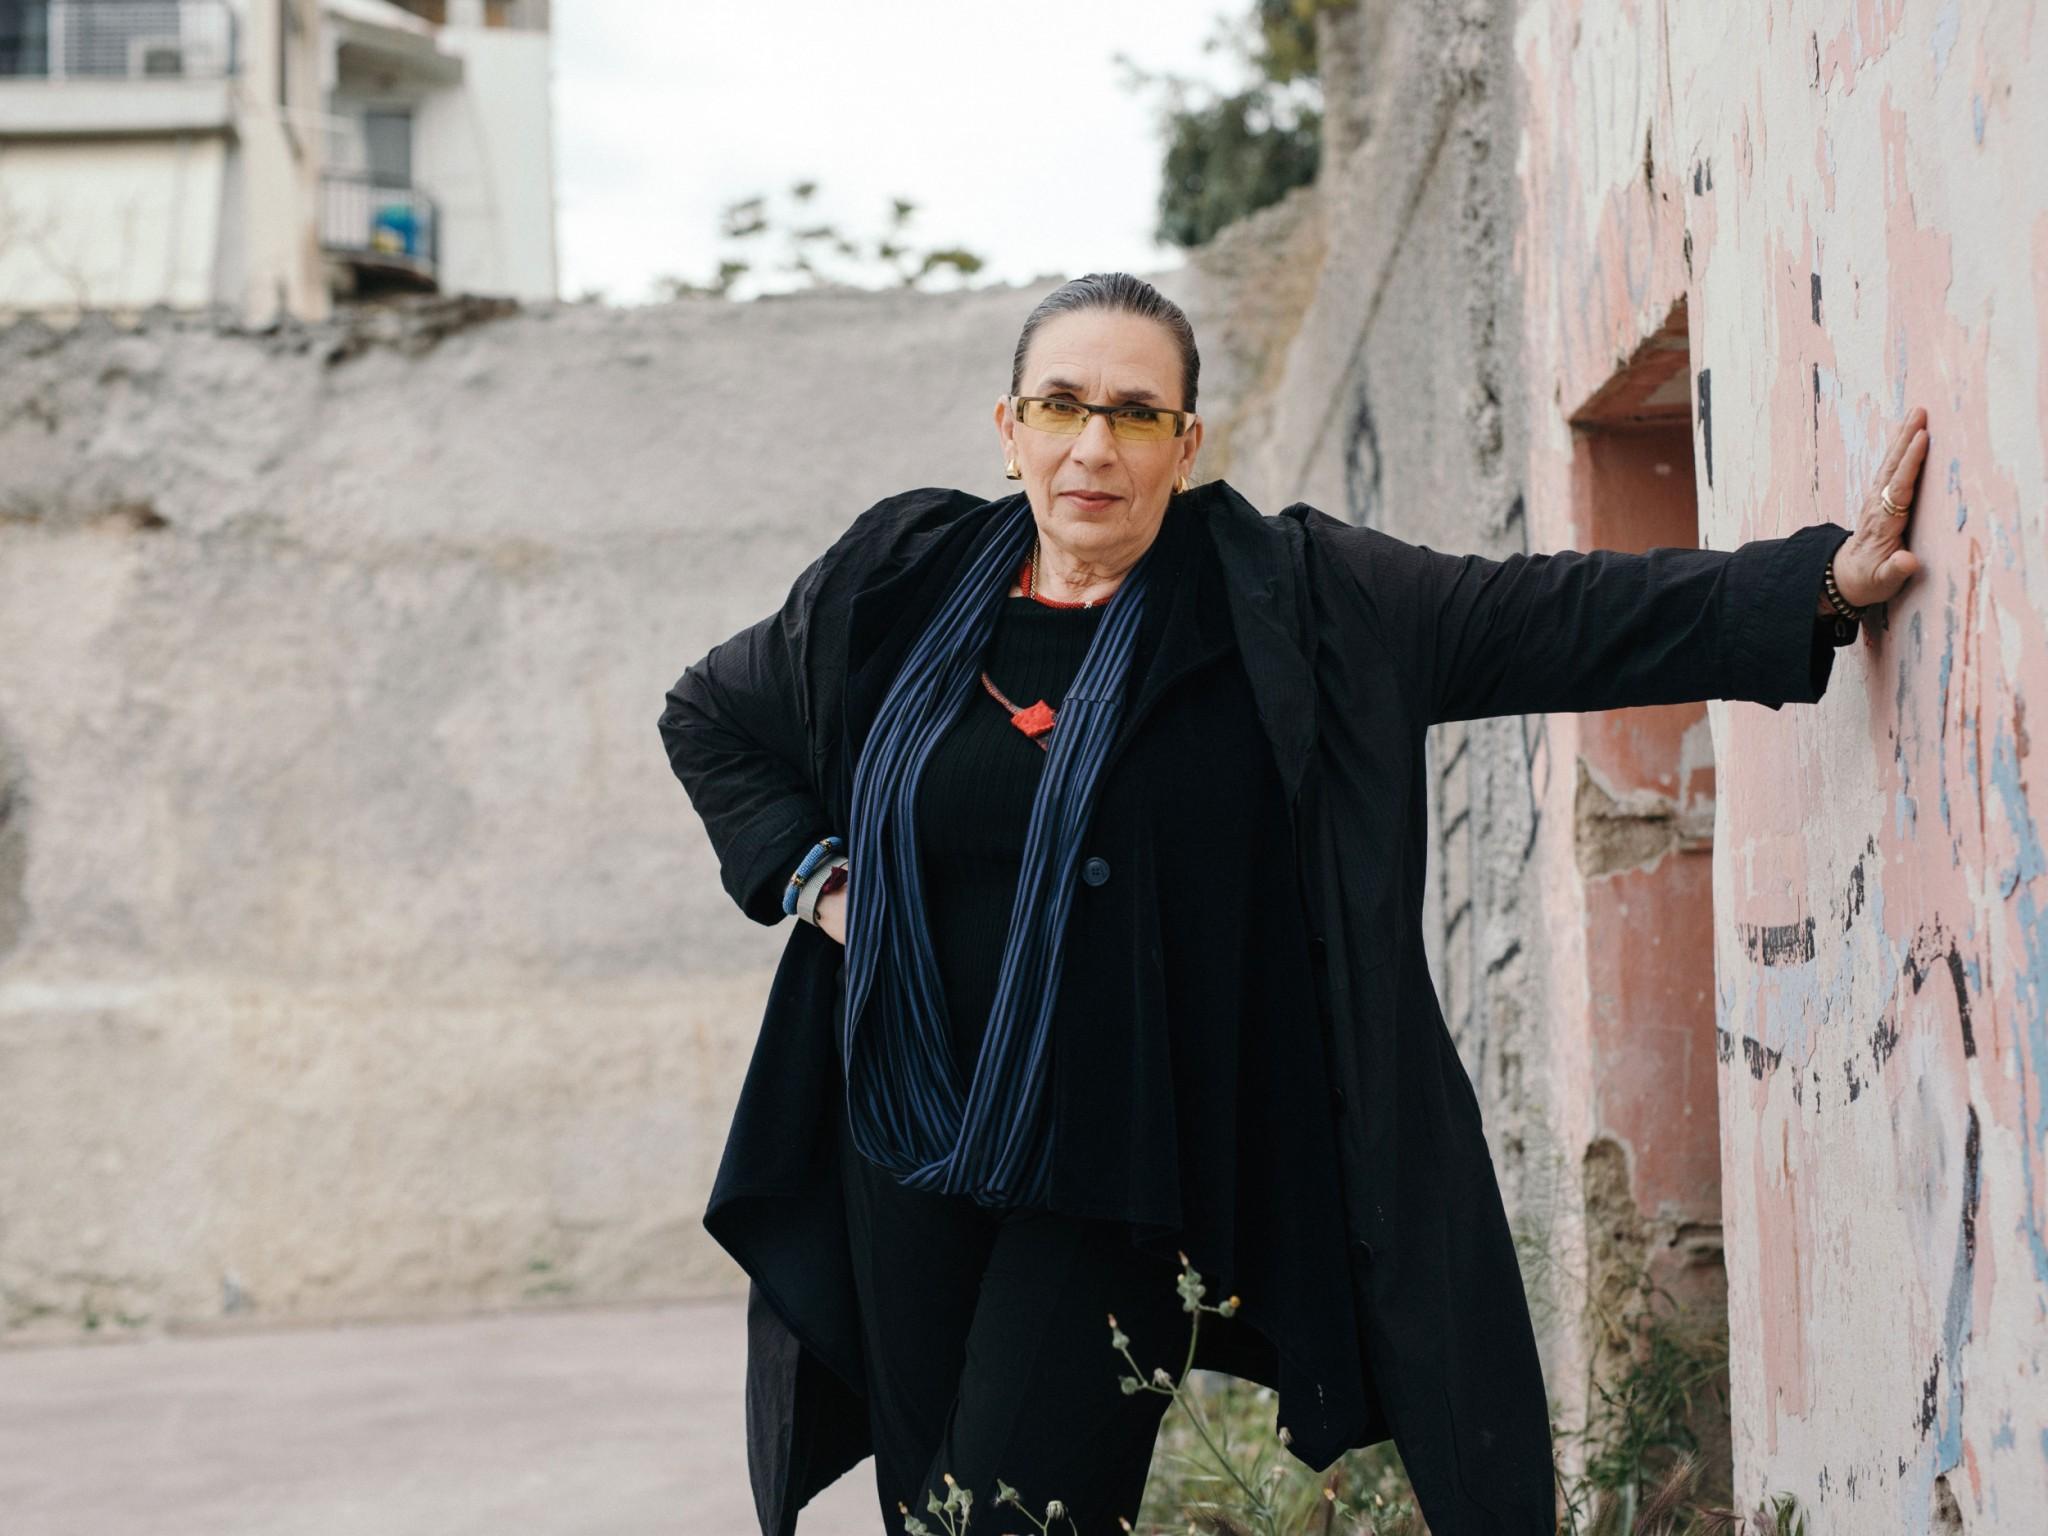 30 Ιουνίου - Χρόνια πολλά Λίνα Νικολακοπούλου